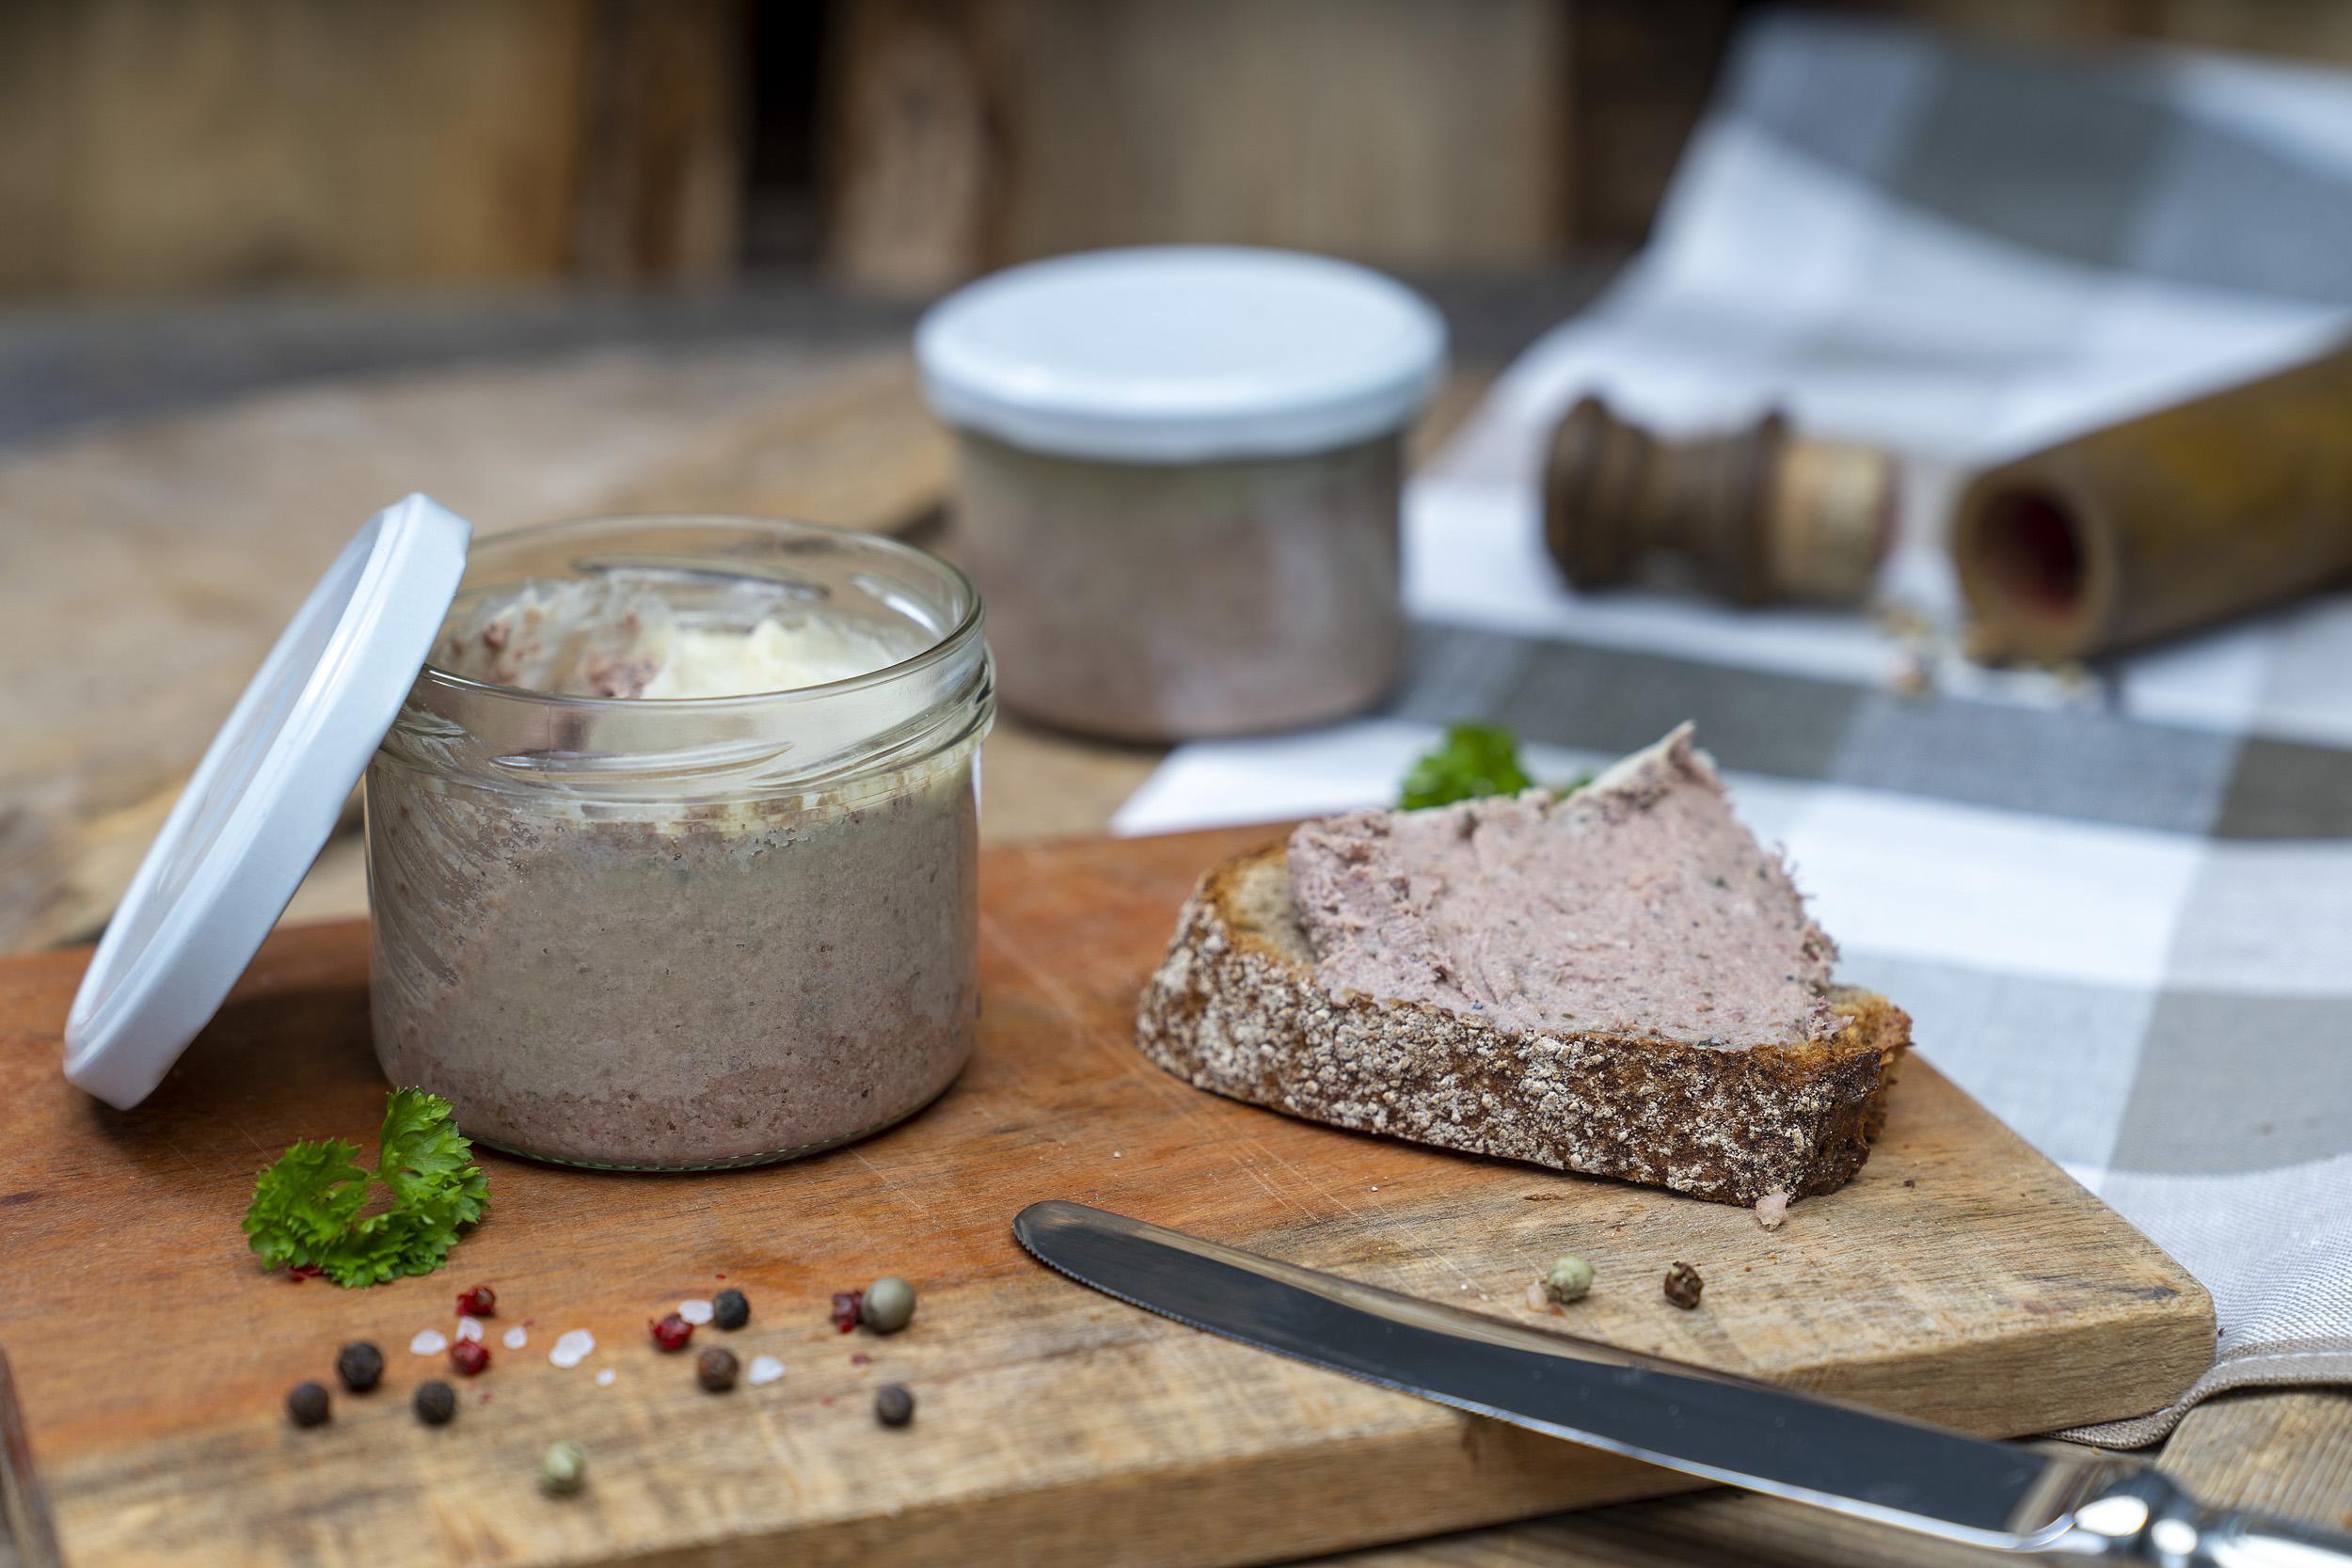 Auf einem Holzbrett ein Glas mit Hausmacher Leberwurst. Daneben eine geschmierte Schnitte, Kräuter und Gewürze. Am Brett ein Messer und im Hintergrund ein weiteres Glas.